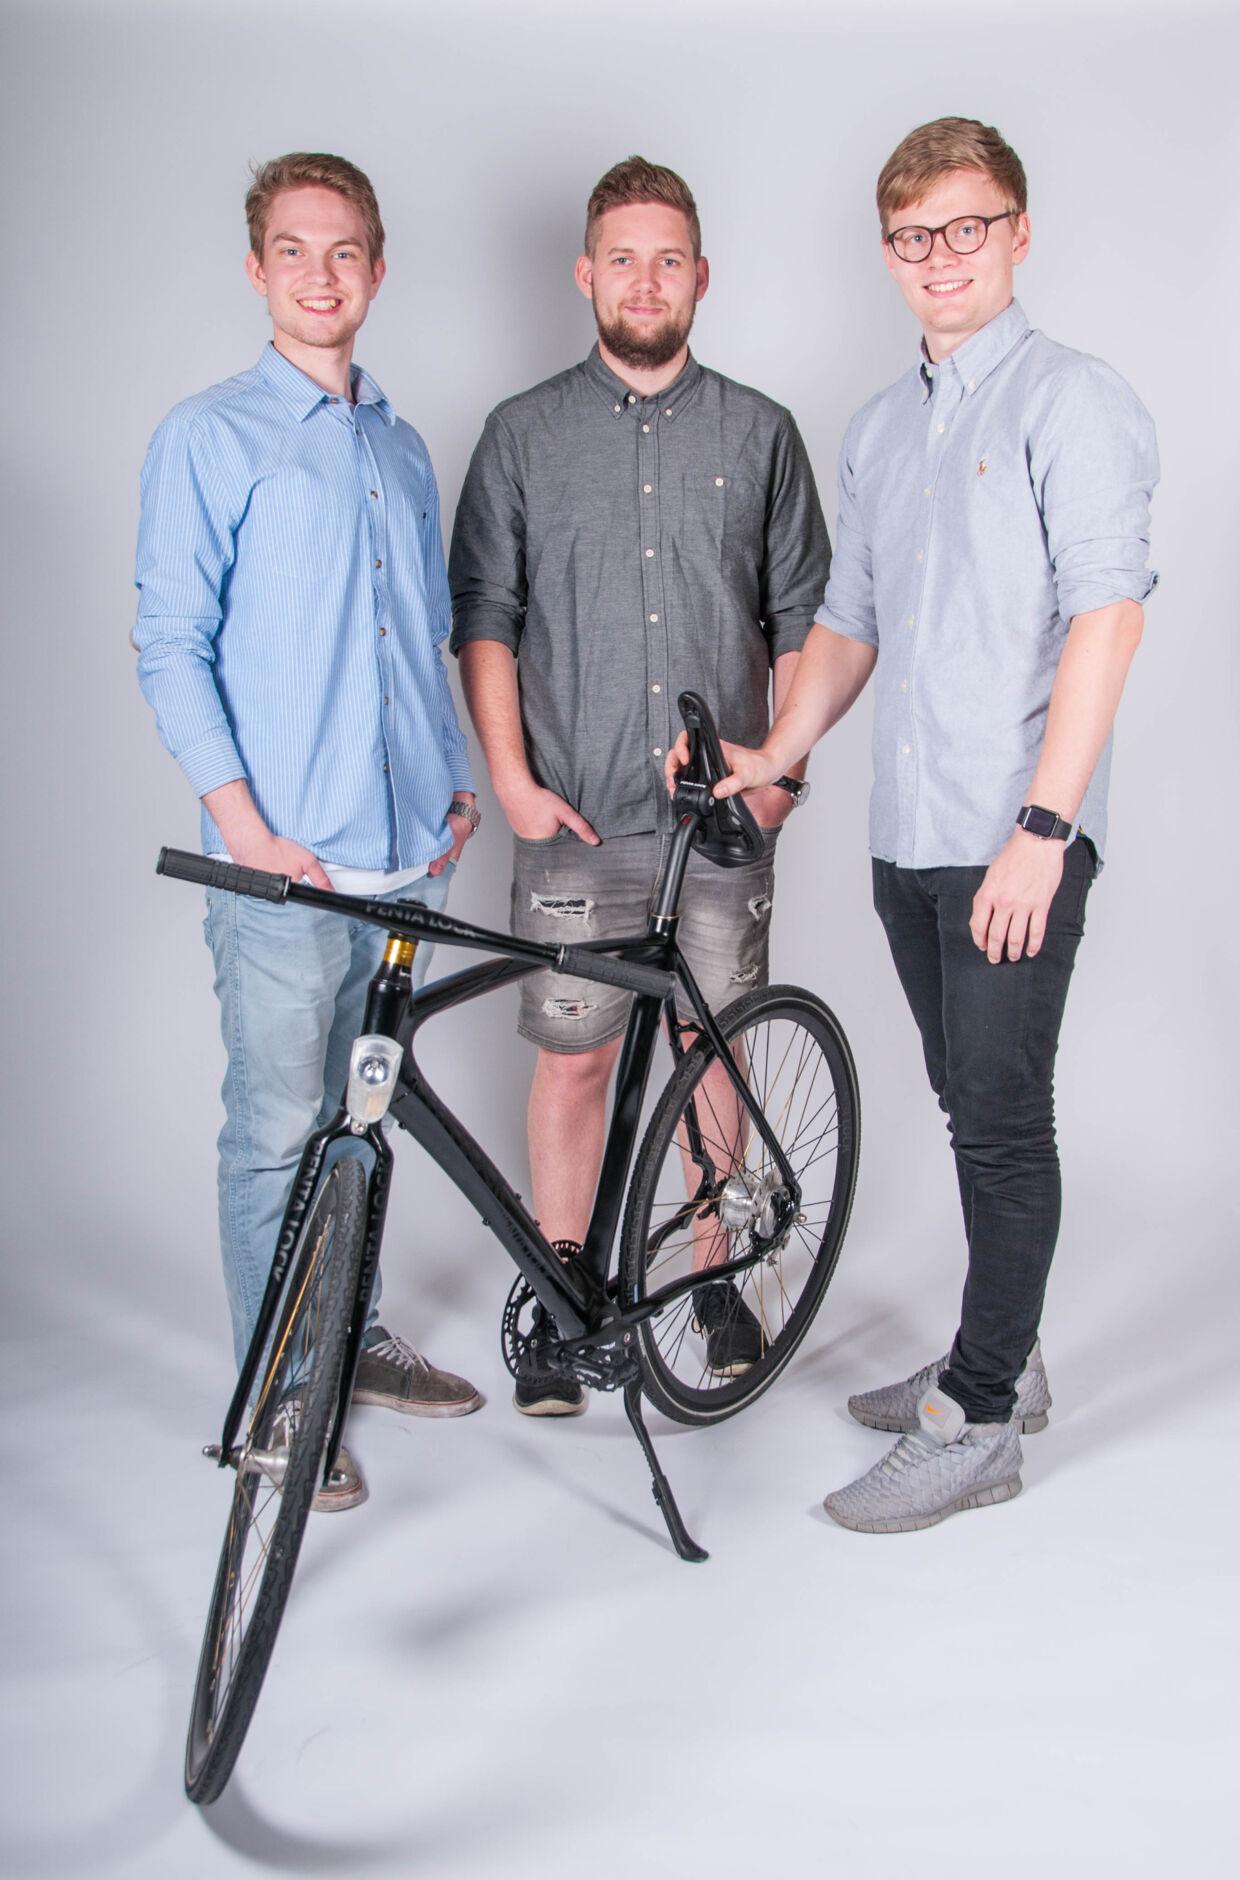 De tre nyuddannede civilingeniører i industrielt design ved Aalborg Universitet Emil Norup, Thomas Martin Jessen og Mathias Herseth Fischer med Penta Lock-prototypen.